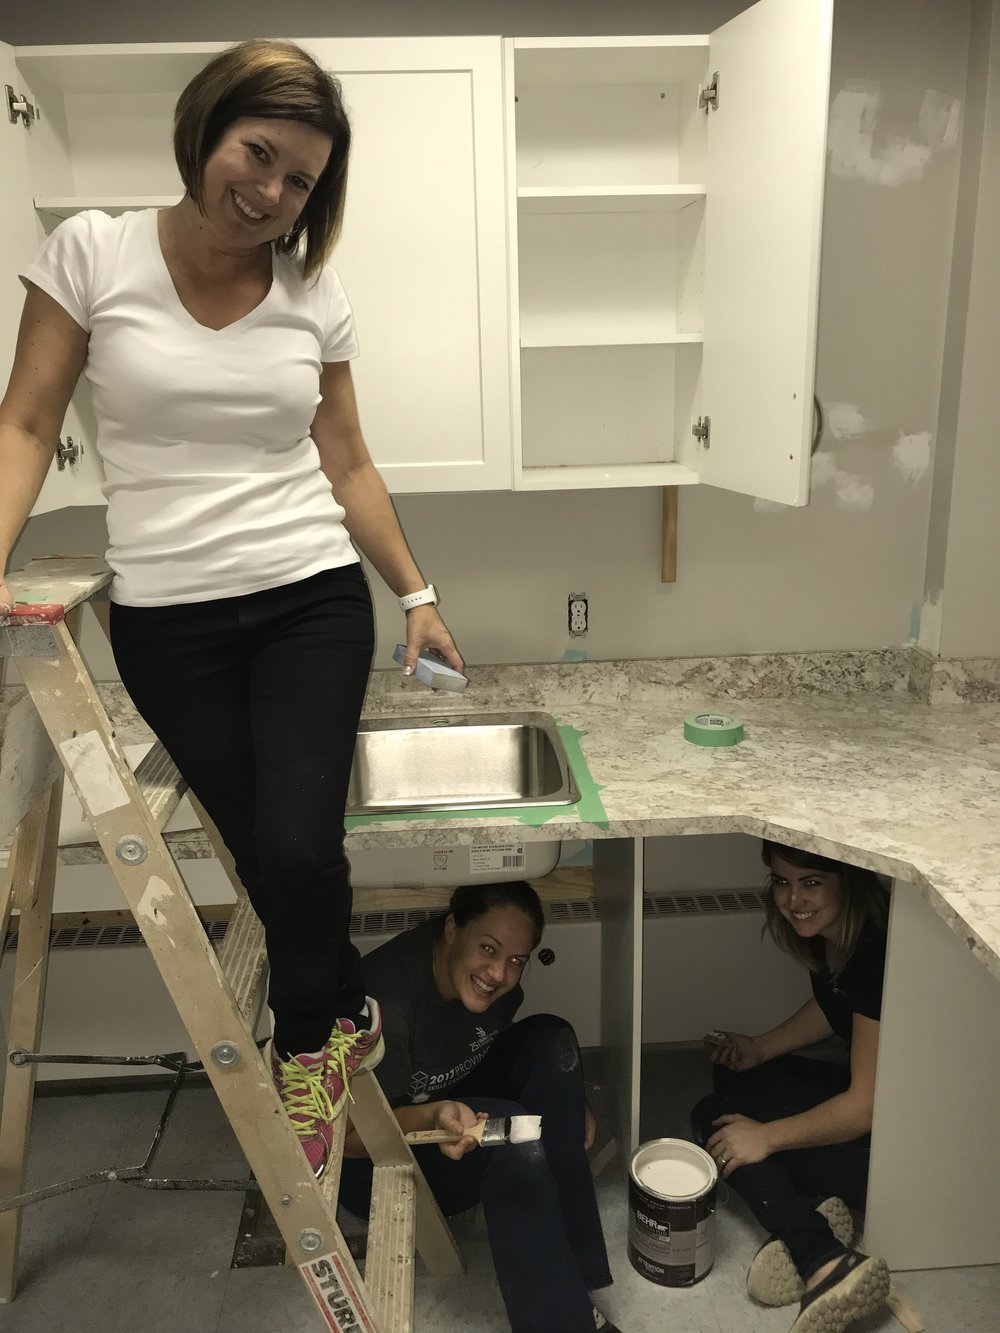 Working alongside the amazing floform ladies